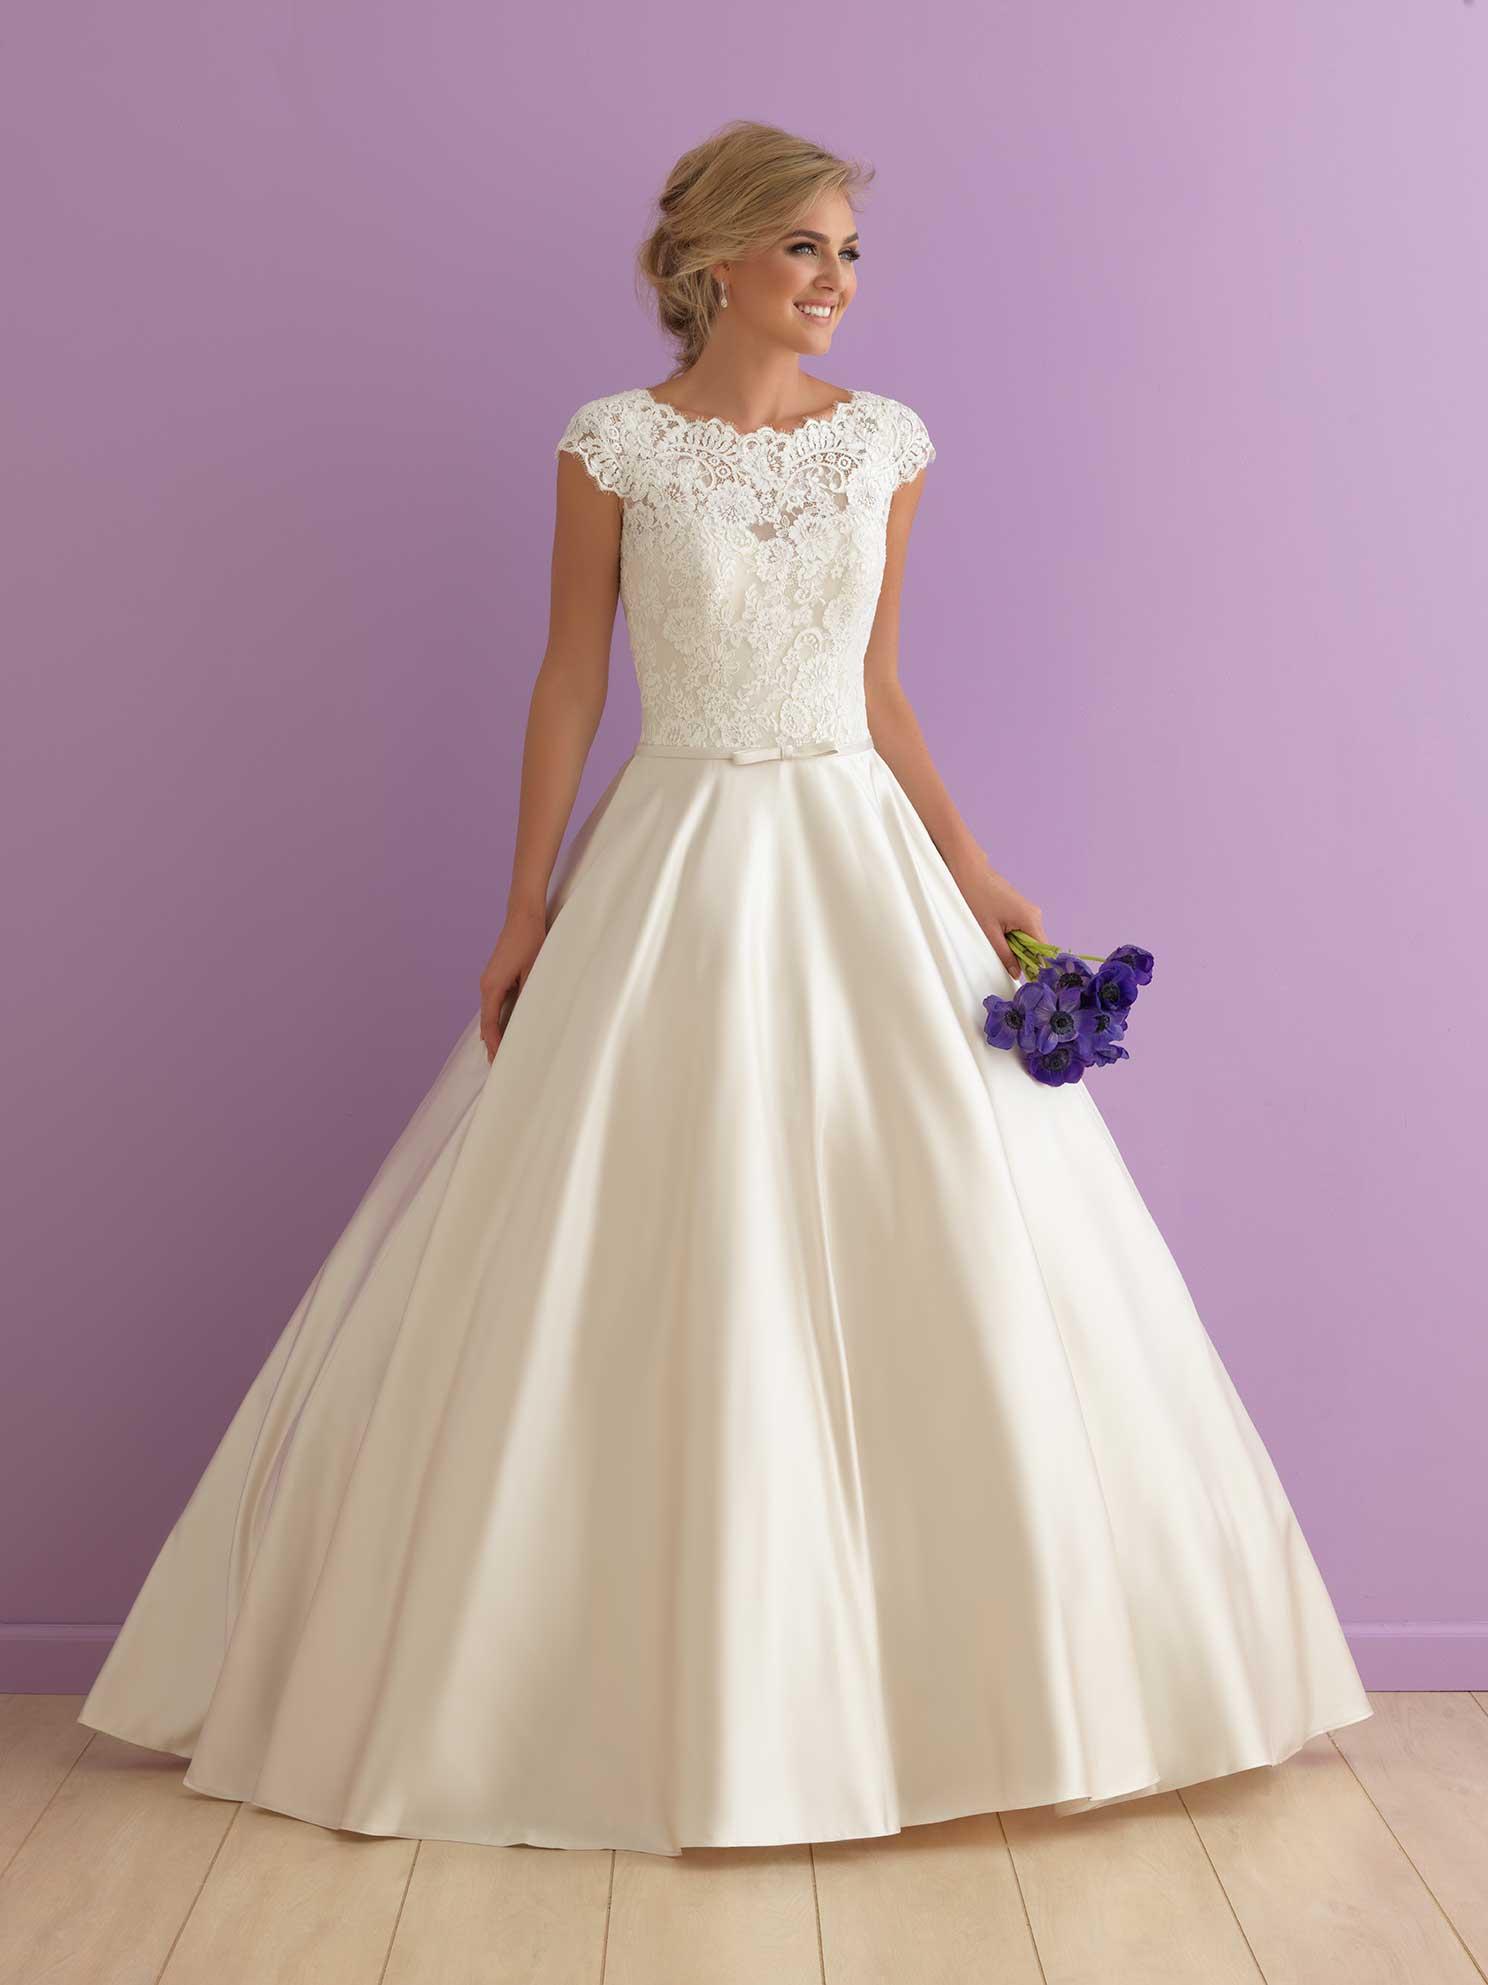 3b60e5b046 Wedding Dresses | Bridal & Bridesmaid, Formal Gowns | Allure Bridals